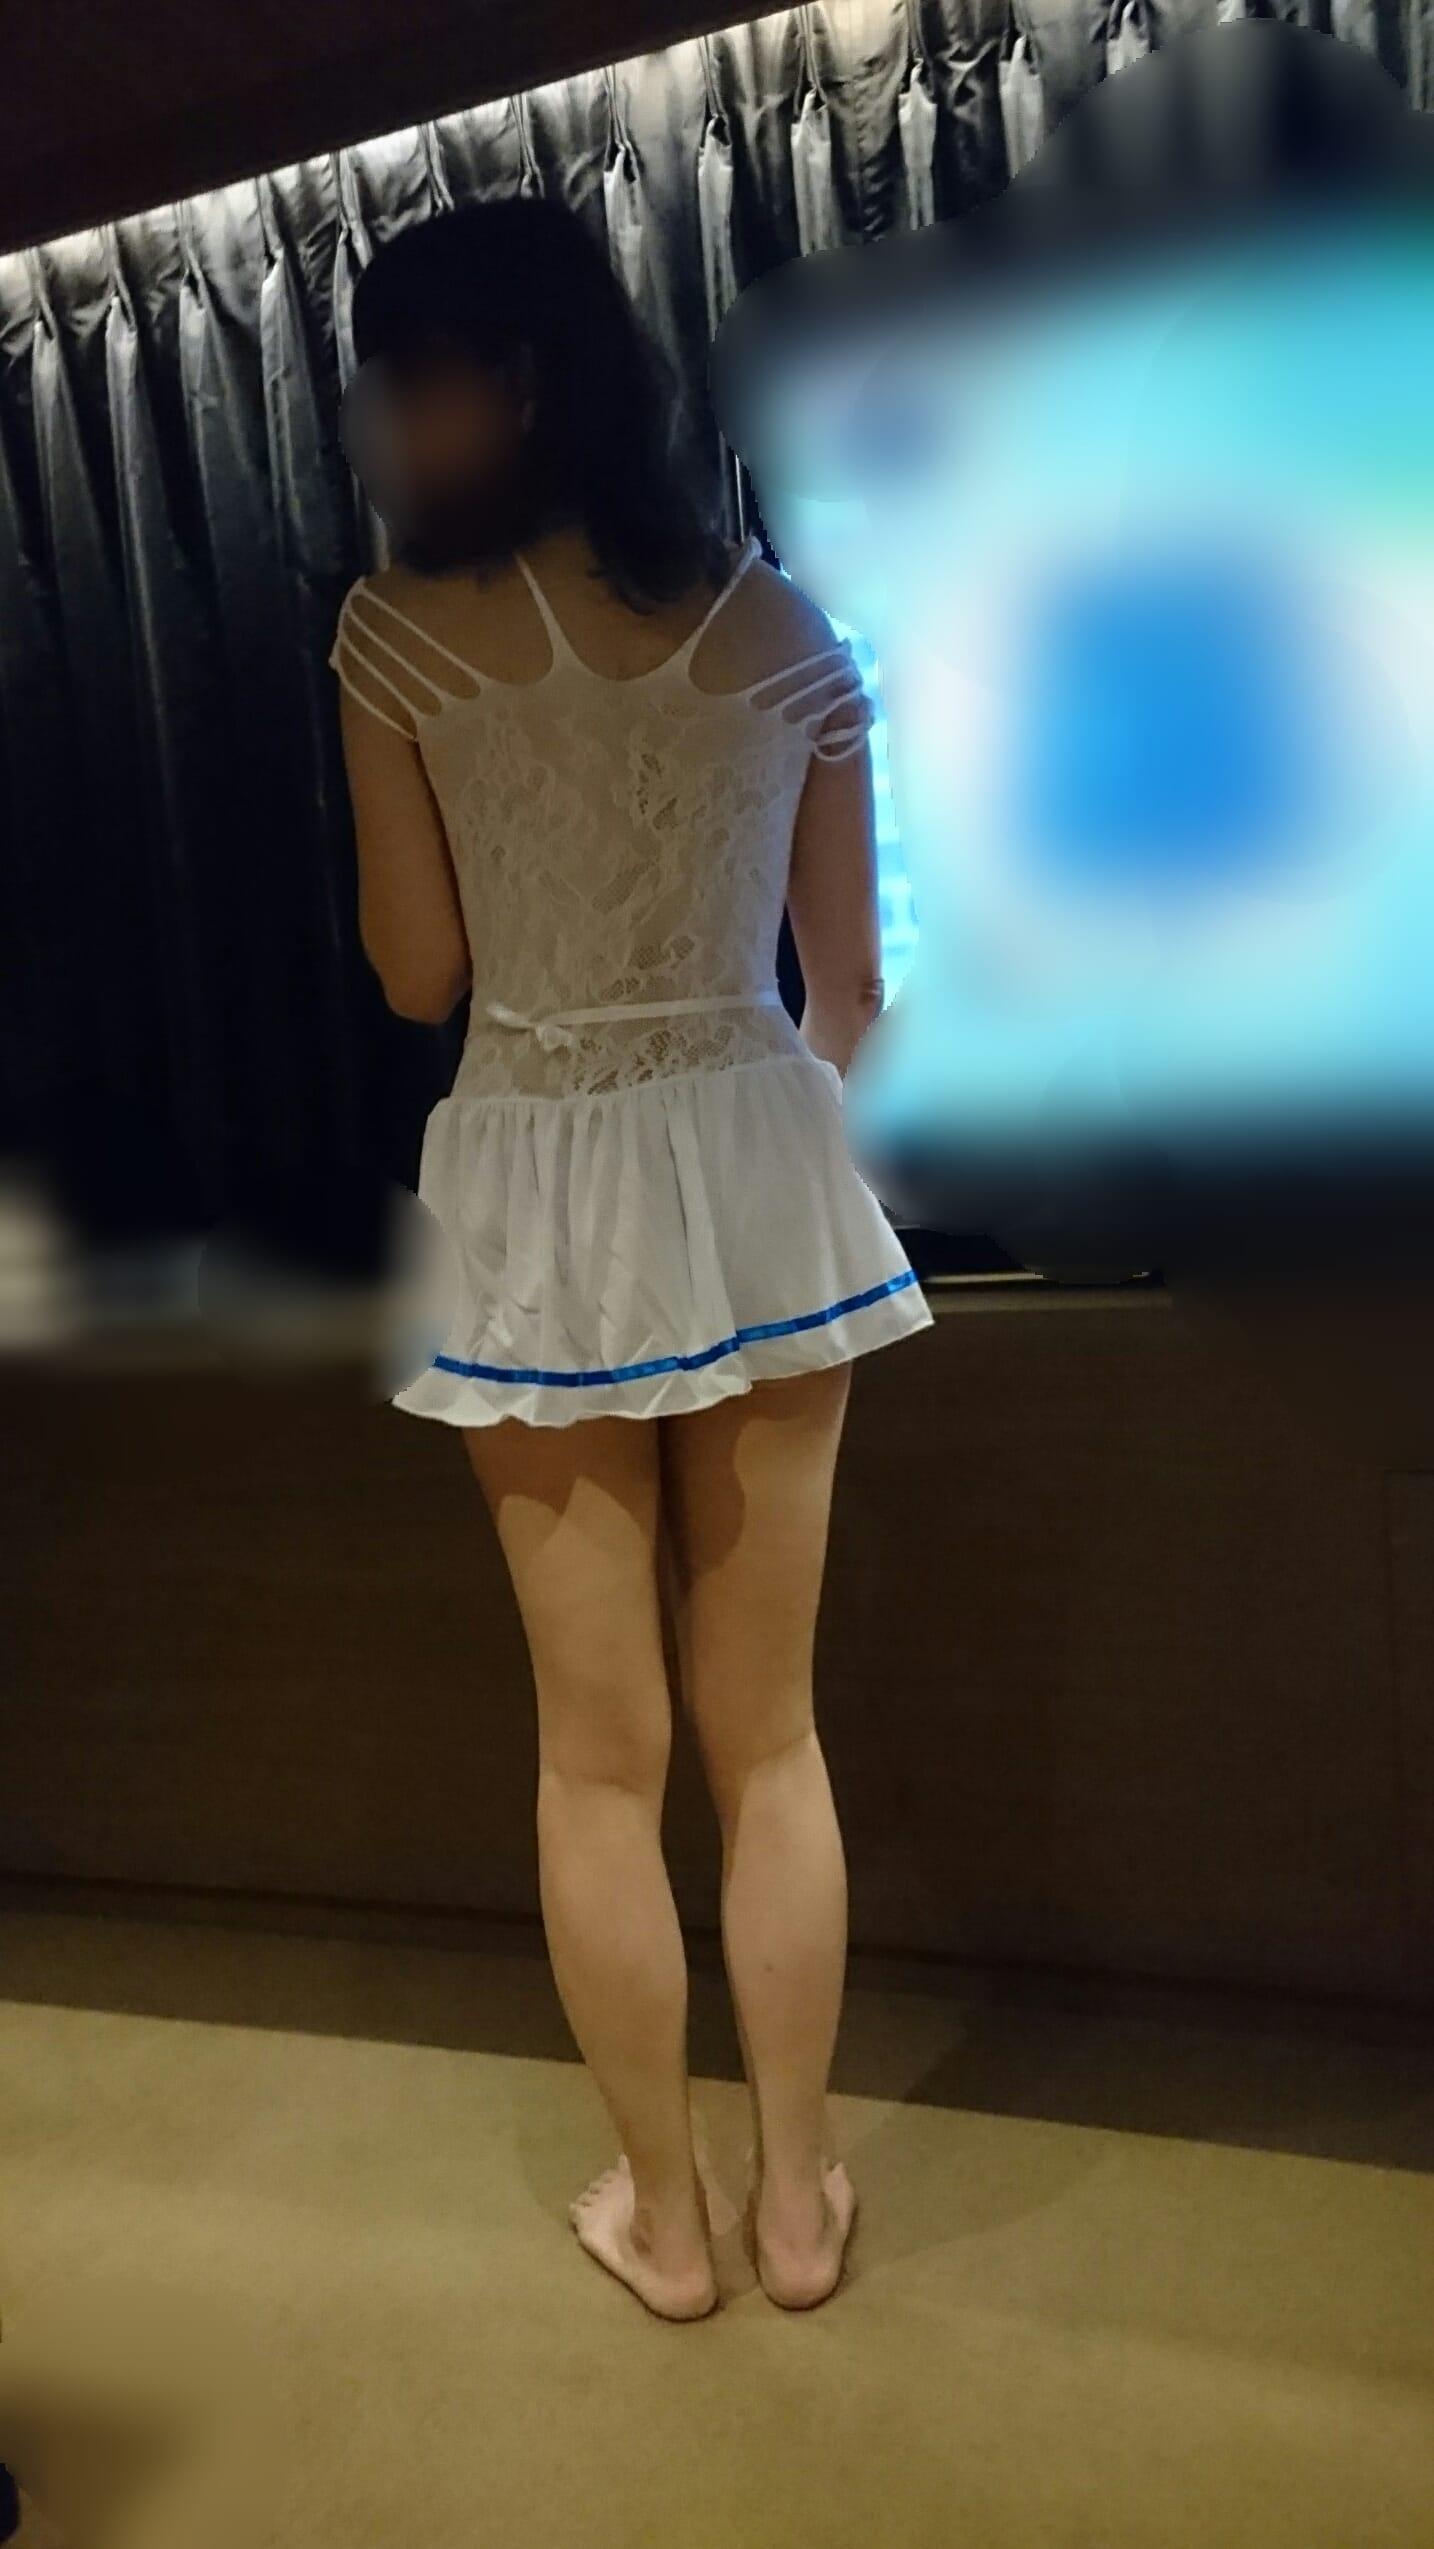 「こんばんは」05/23(05/23) 20:01 | ななの写メ・風俗動画